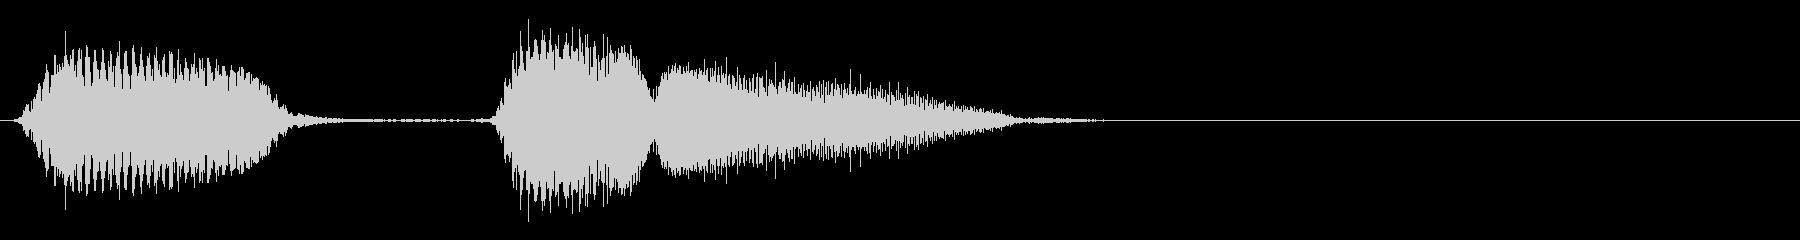 ハーモニカ:ショートエクスクラメー...の未再生の波形